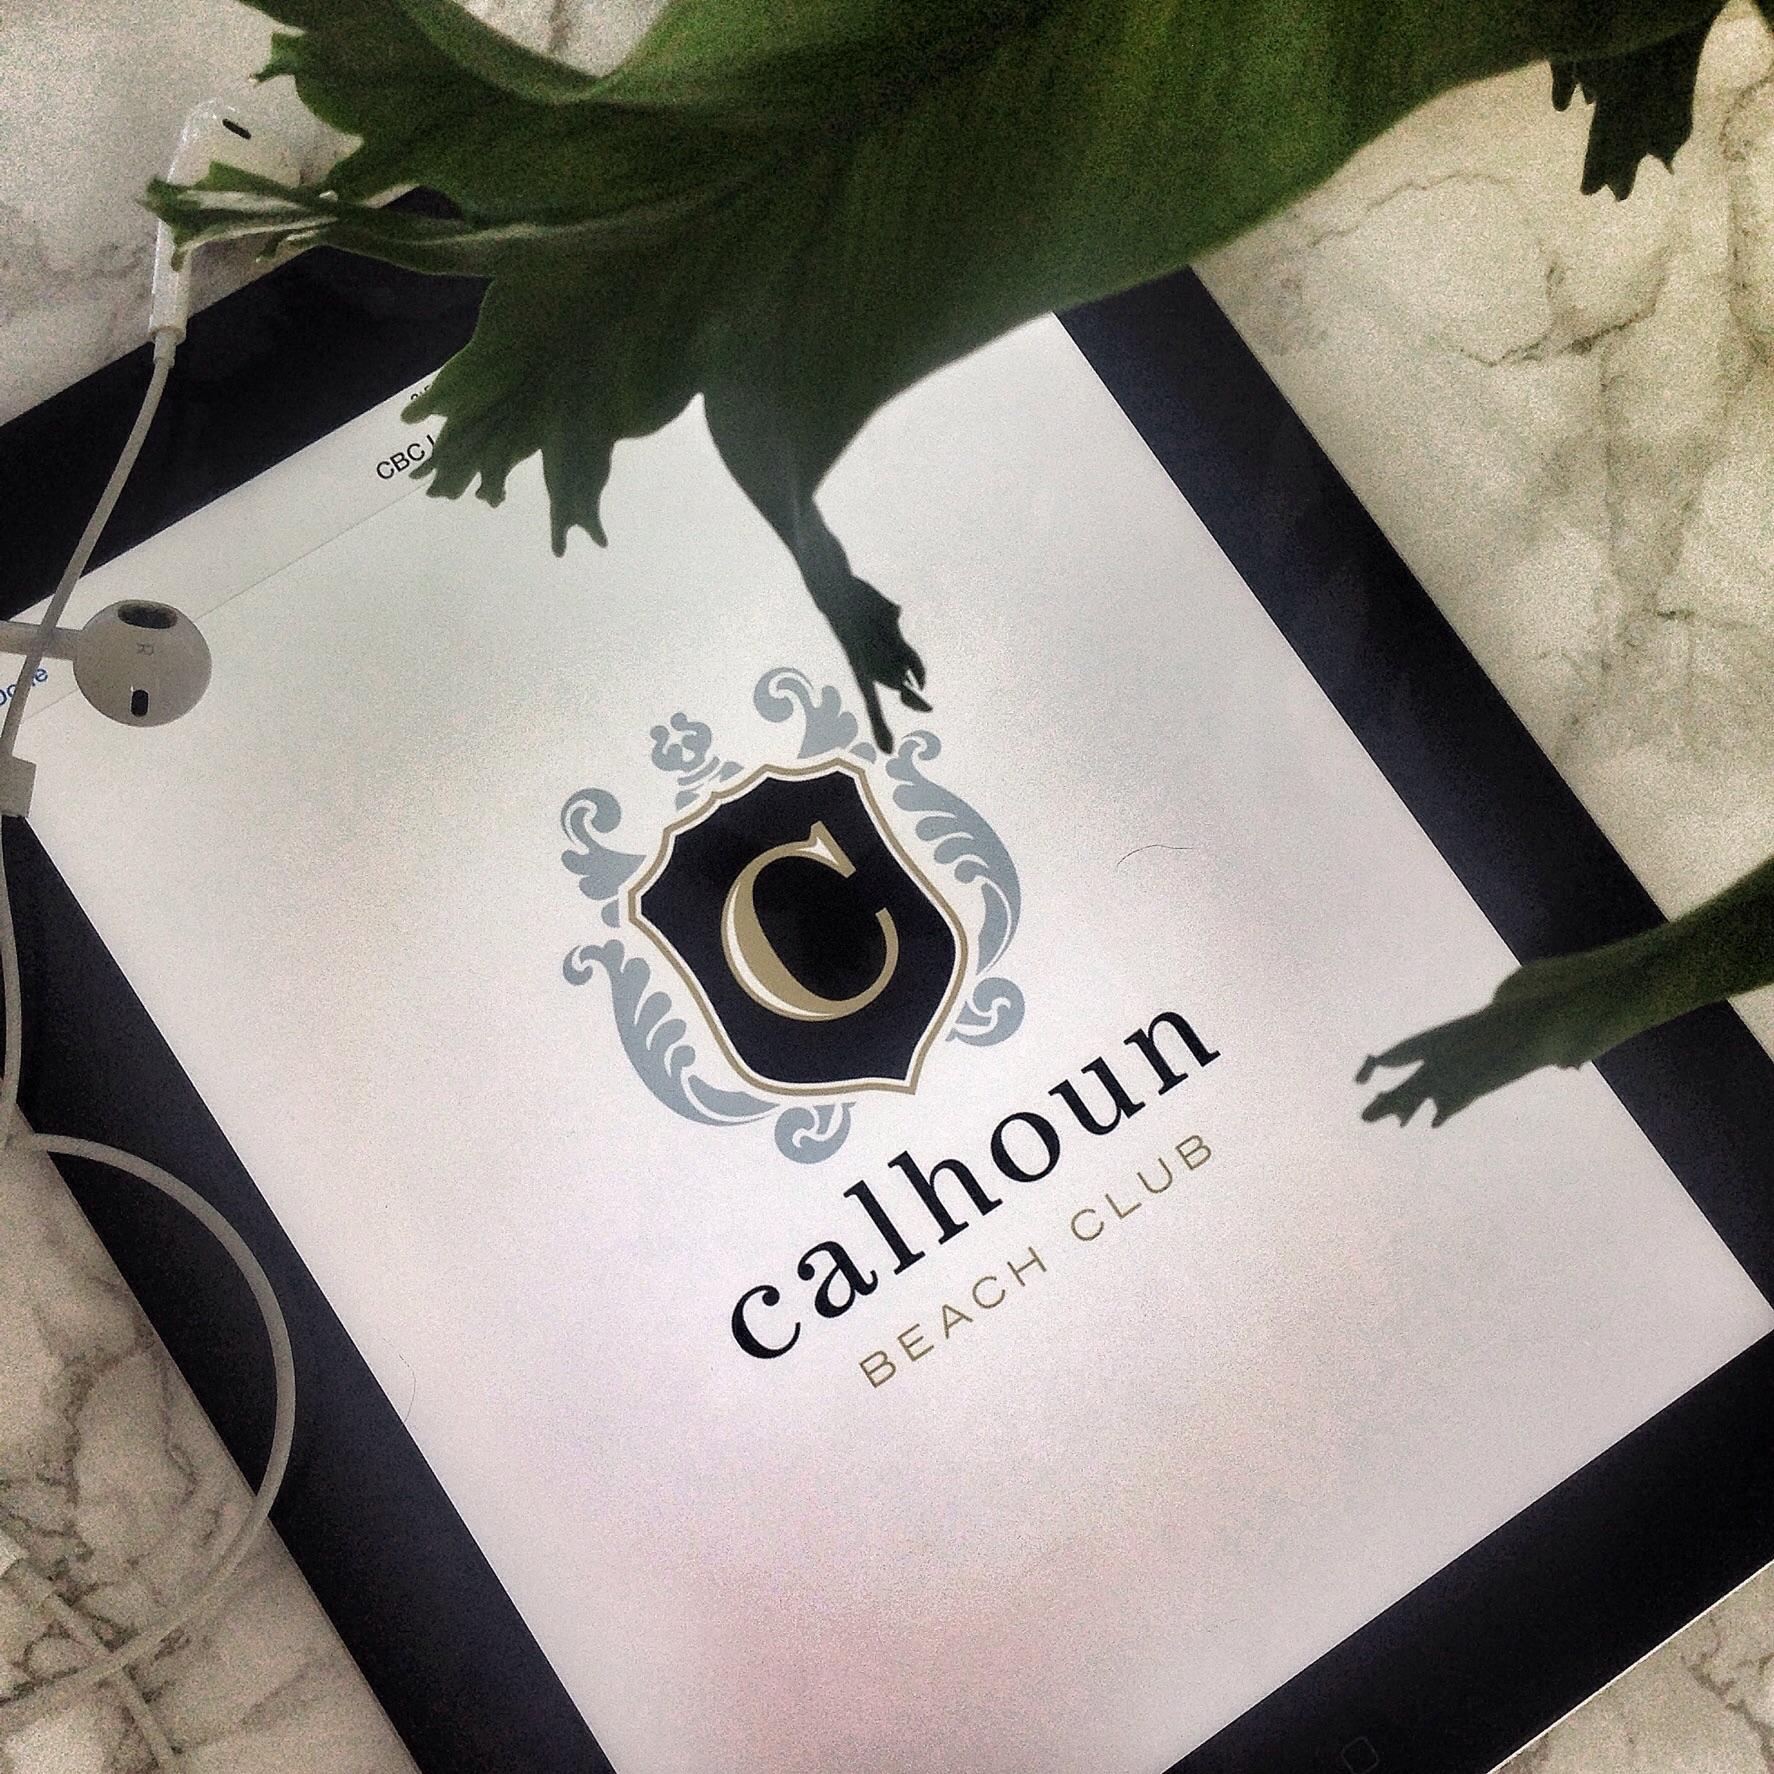 www.calhounbeachfitness.com